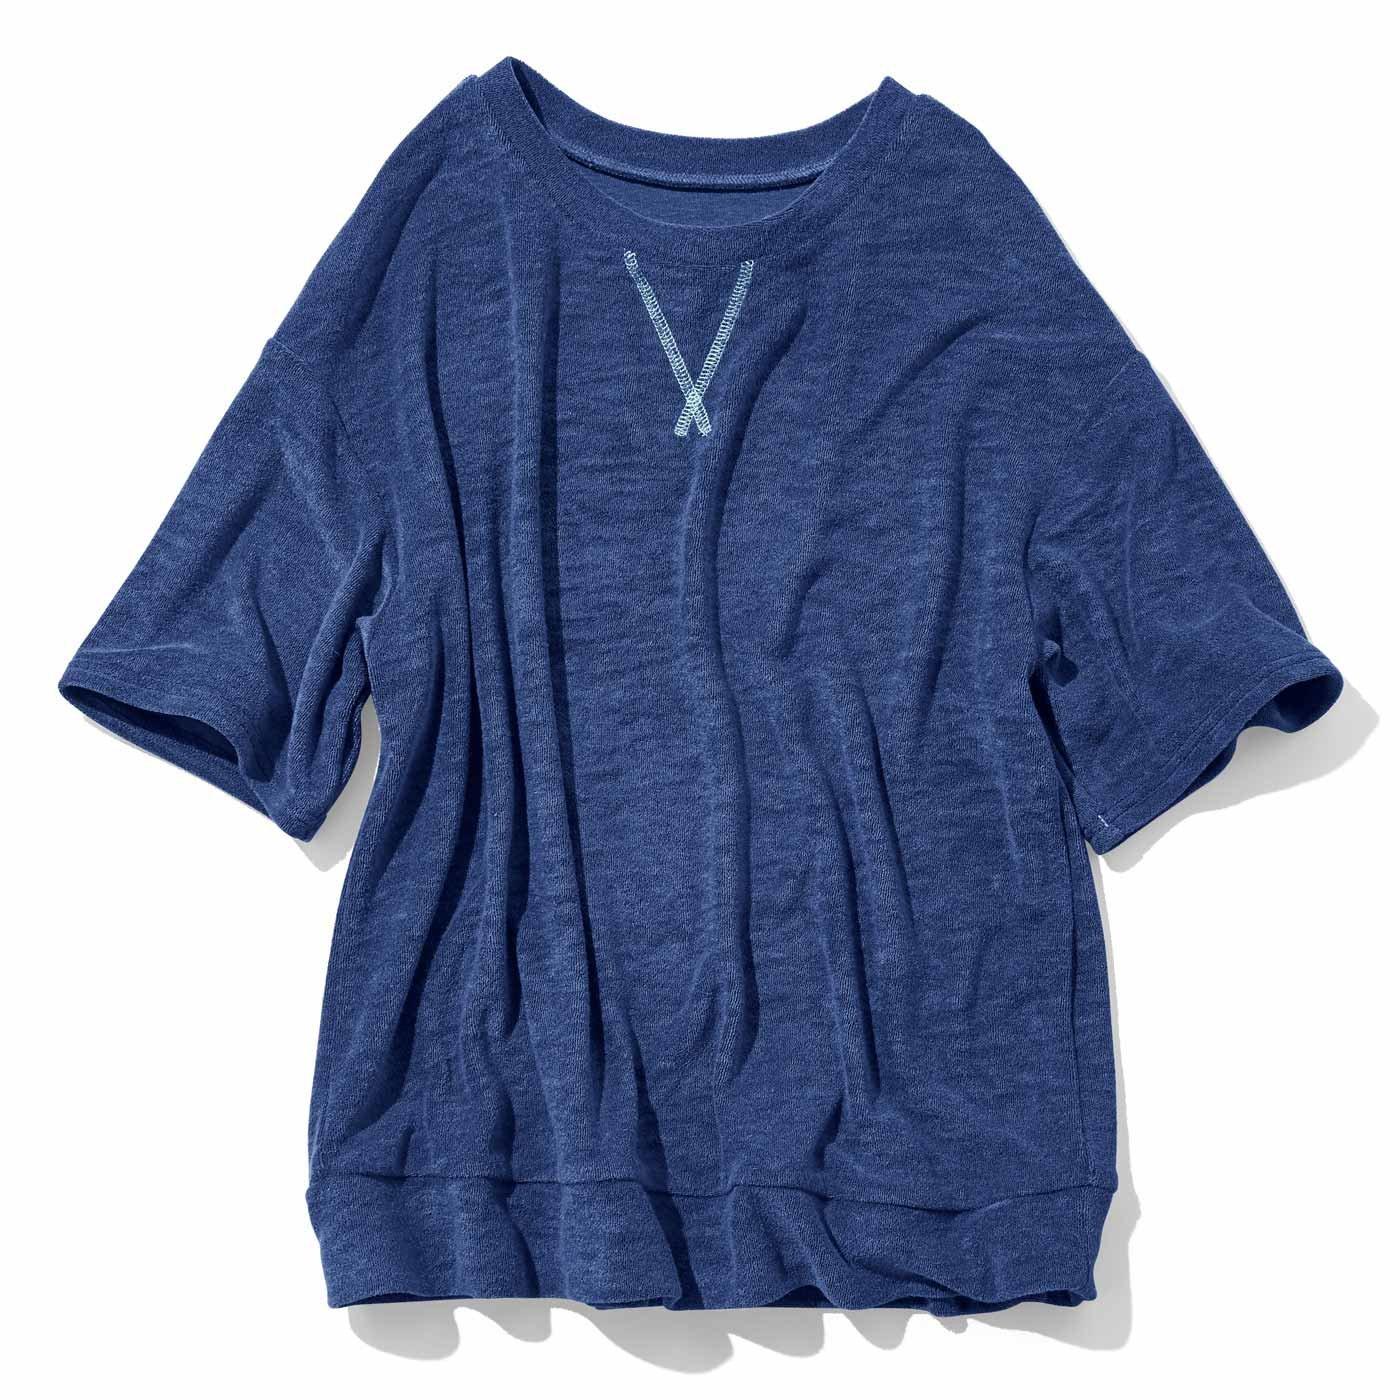 ふんわりパイルTシャツ〈ネイビー〉